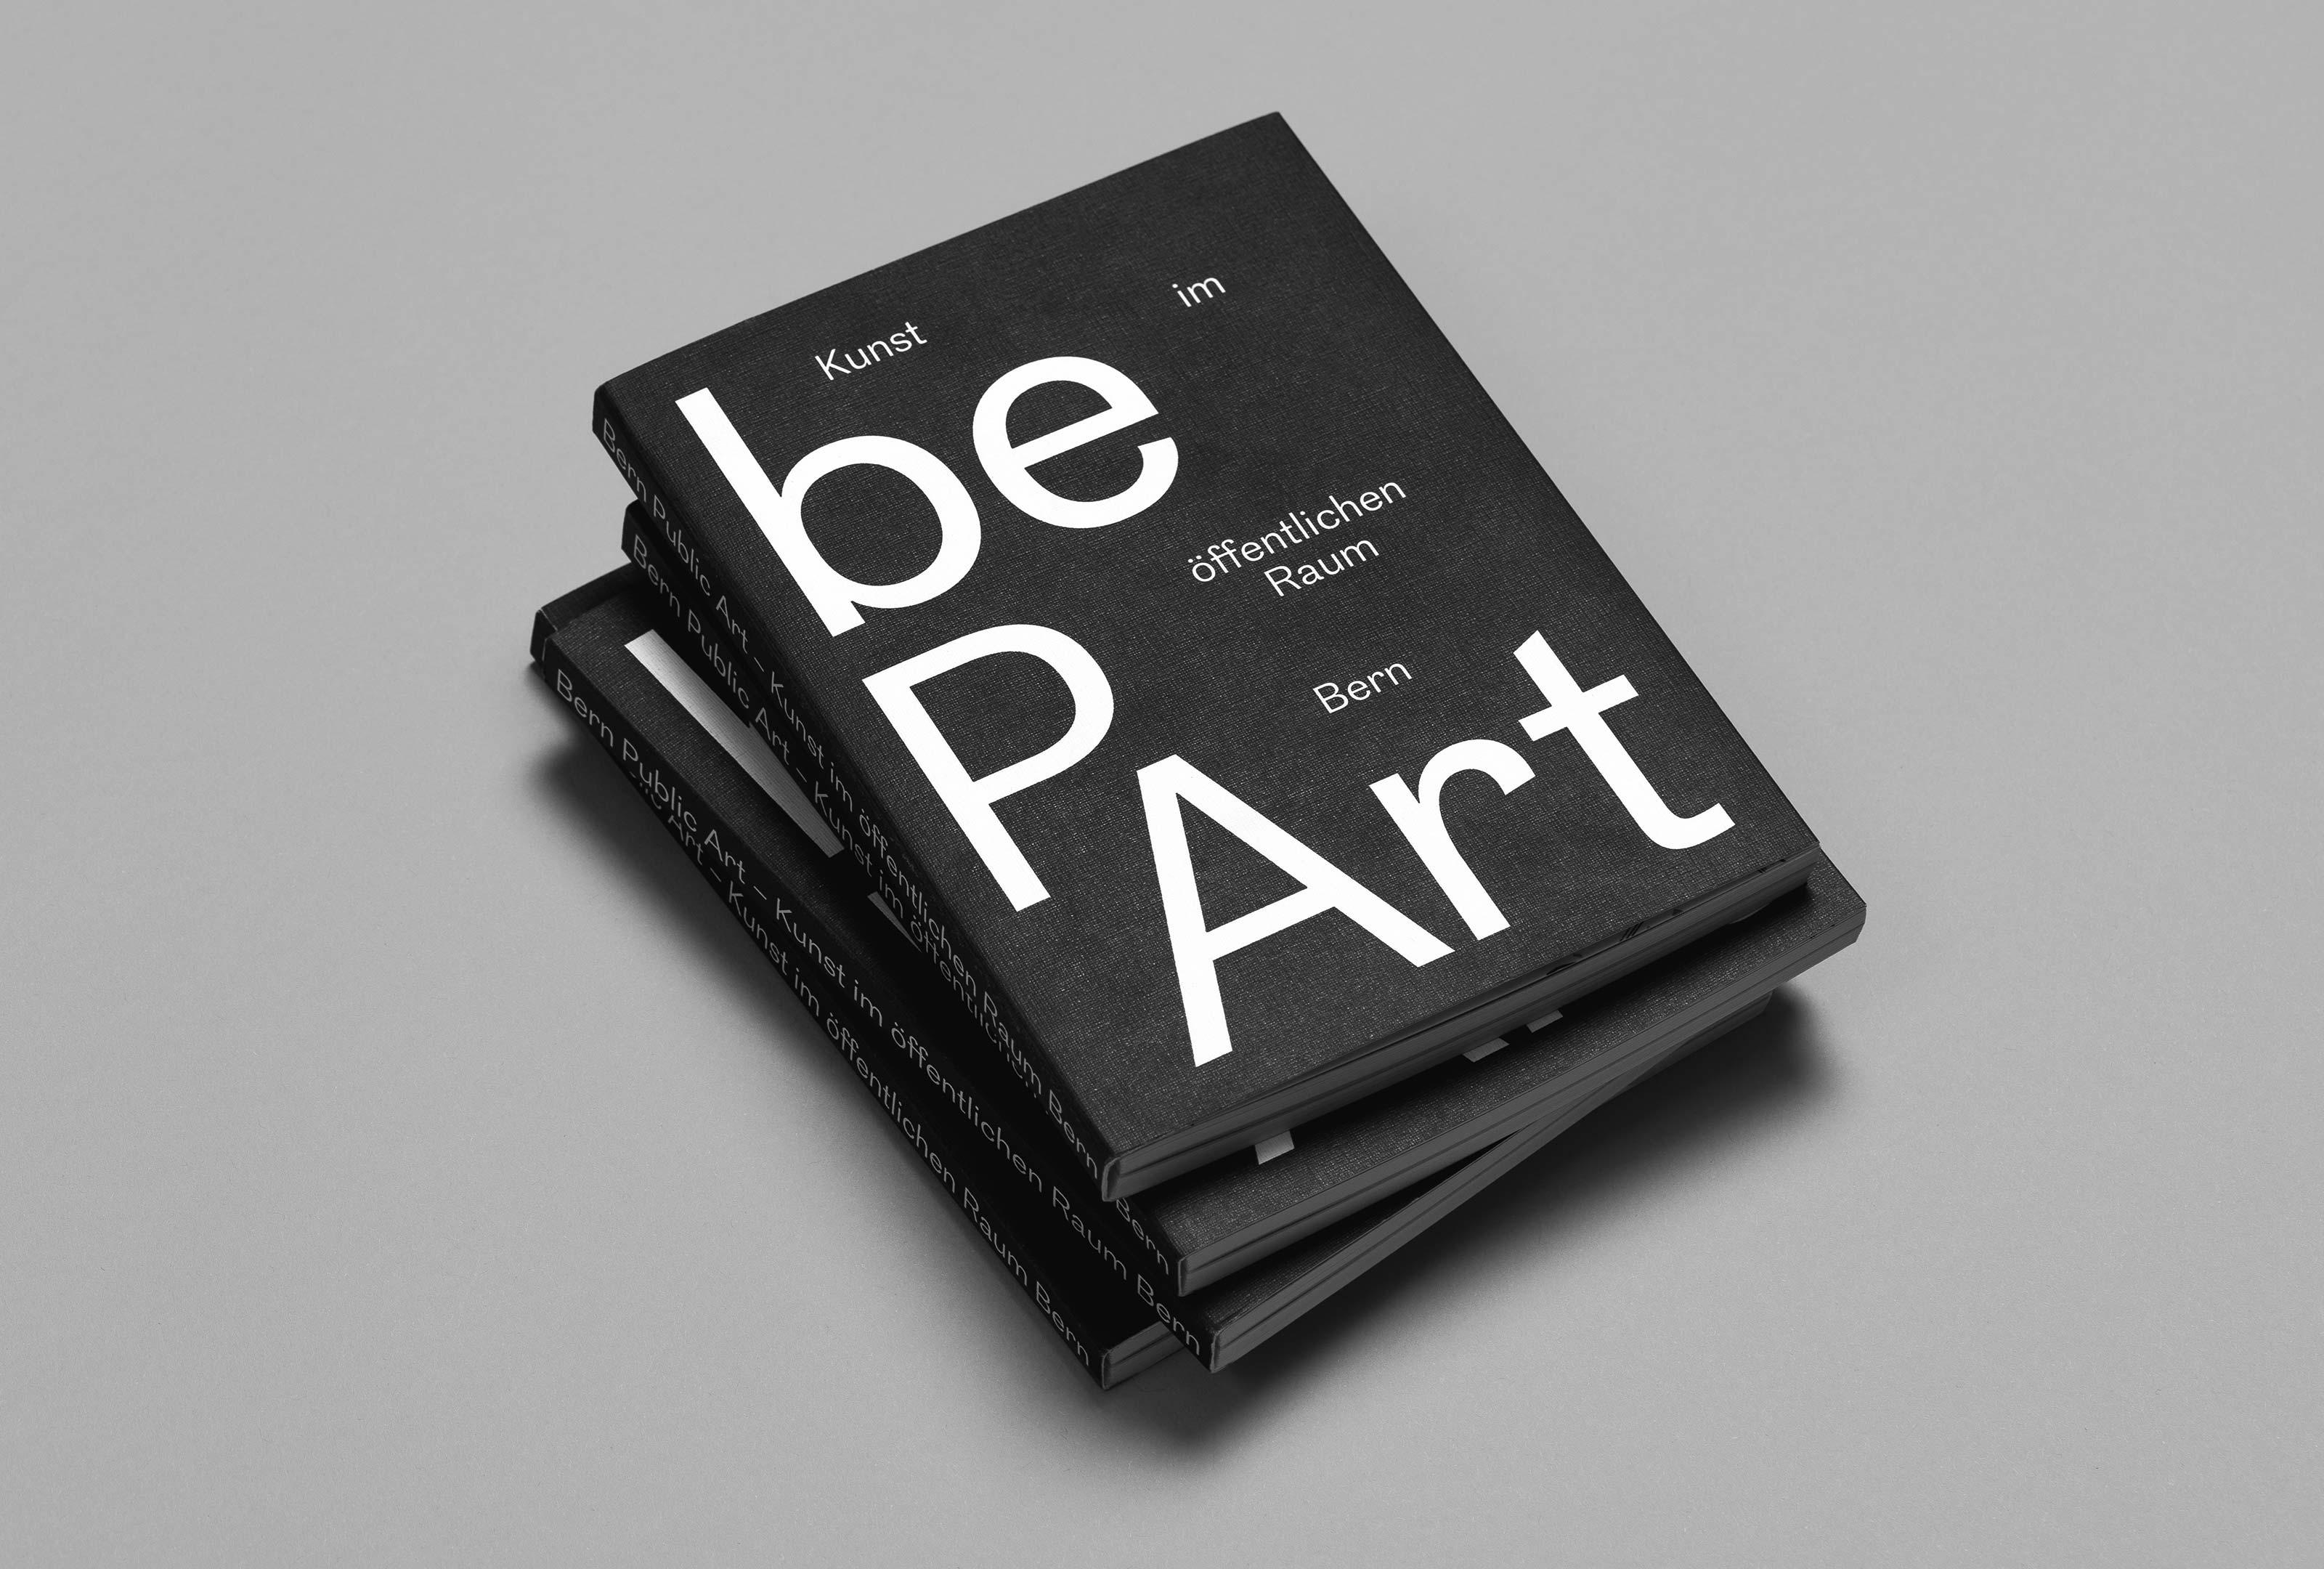 https://atelier-pol.ch/work/bepart/